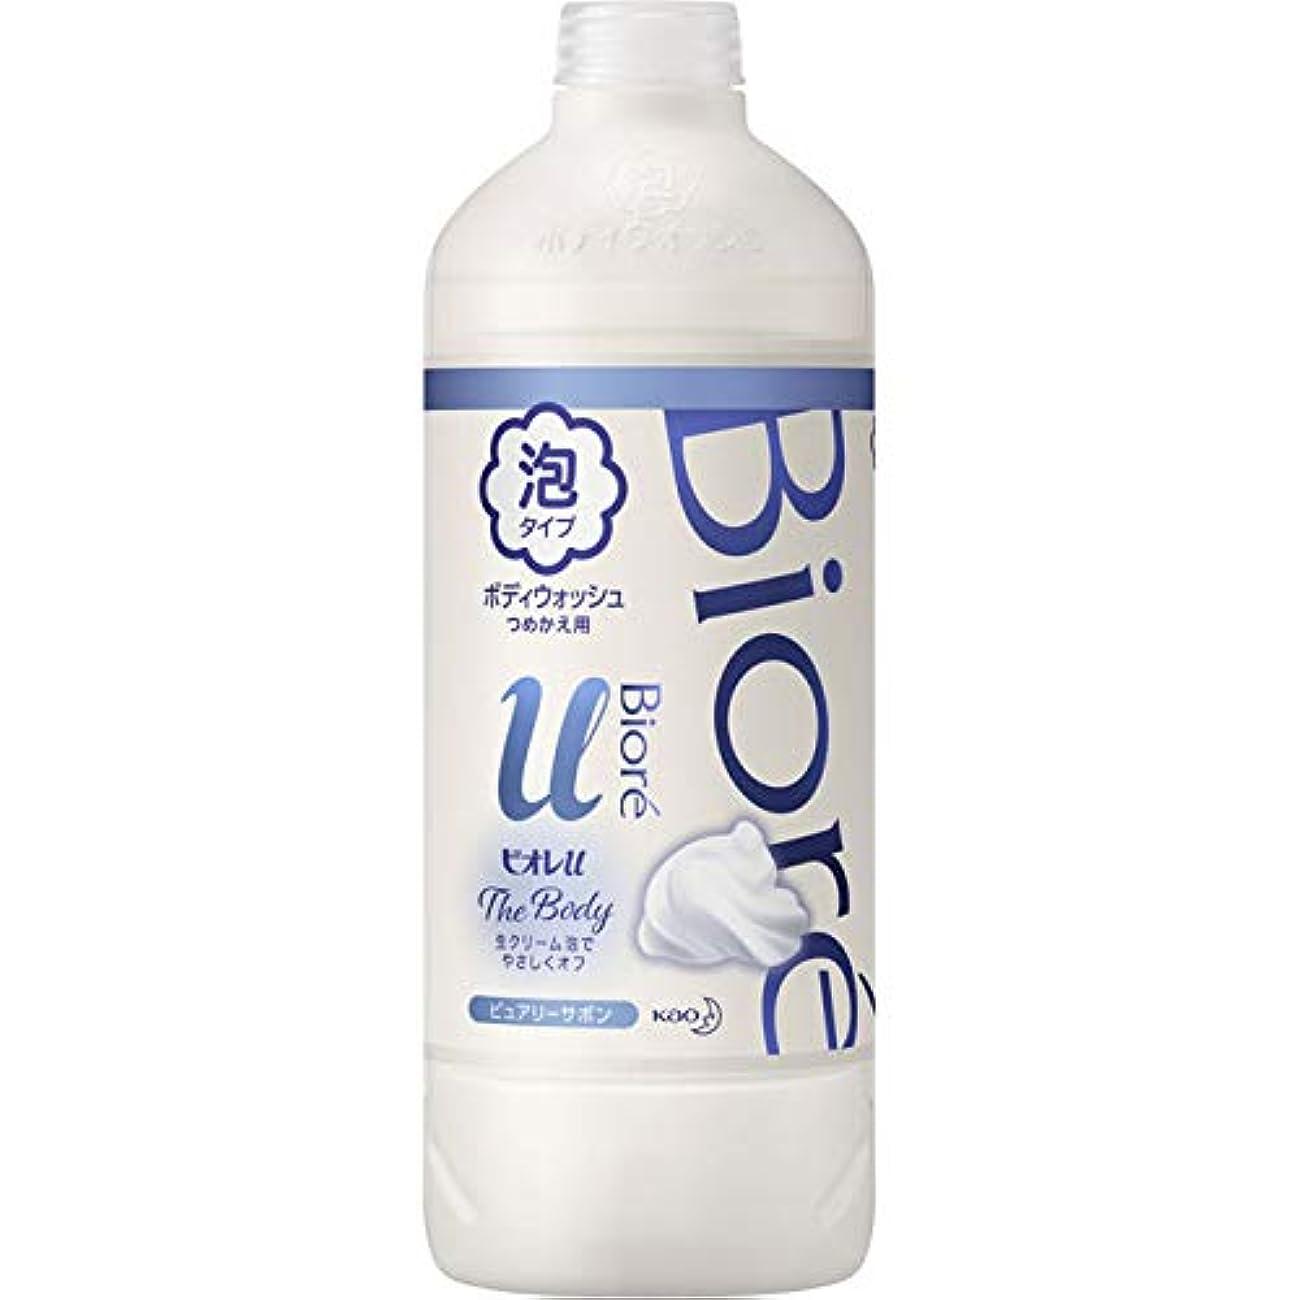 花王 ビオレu ザ ボディ泡ピュアリーサボンの香り 詰替え用 450ml